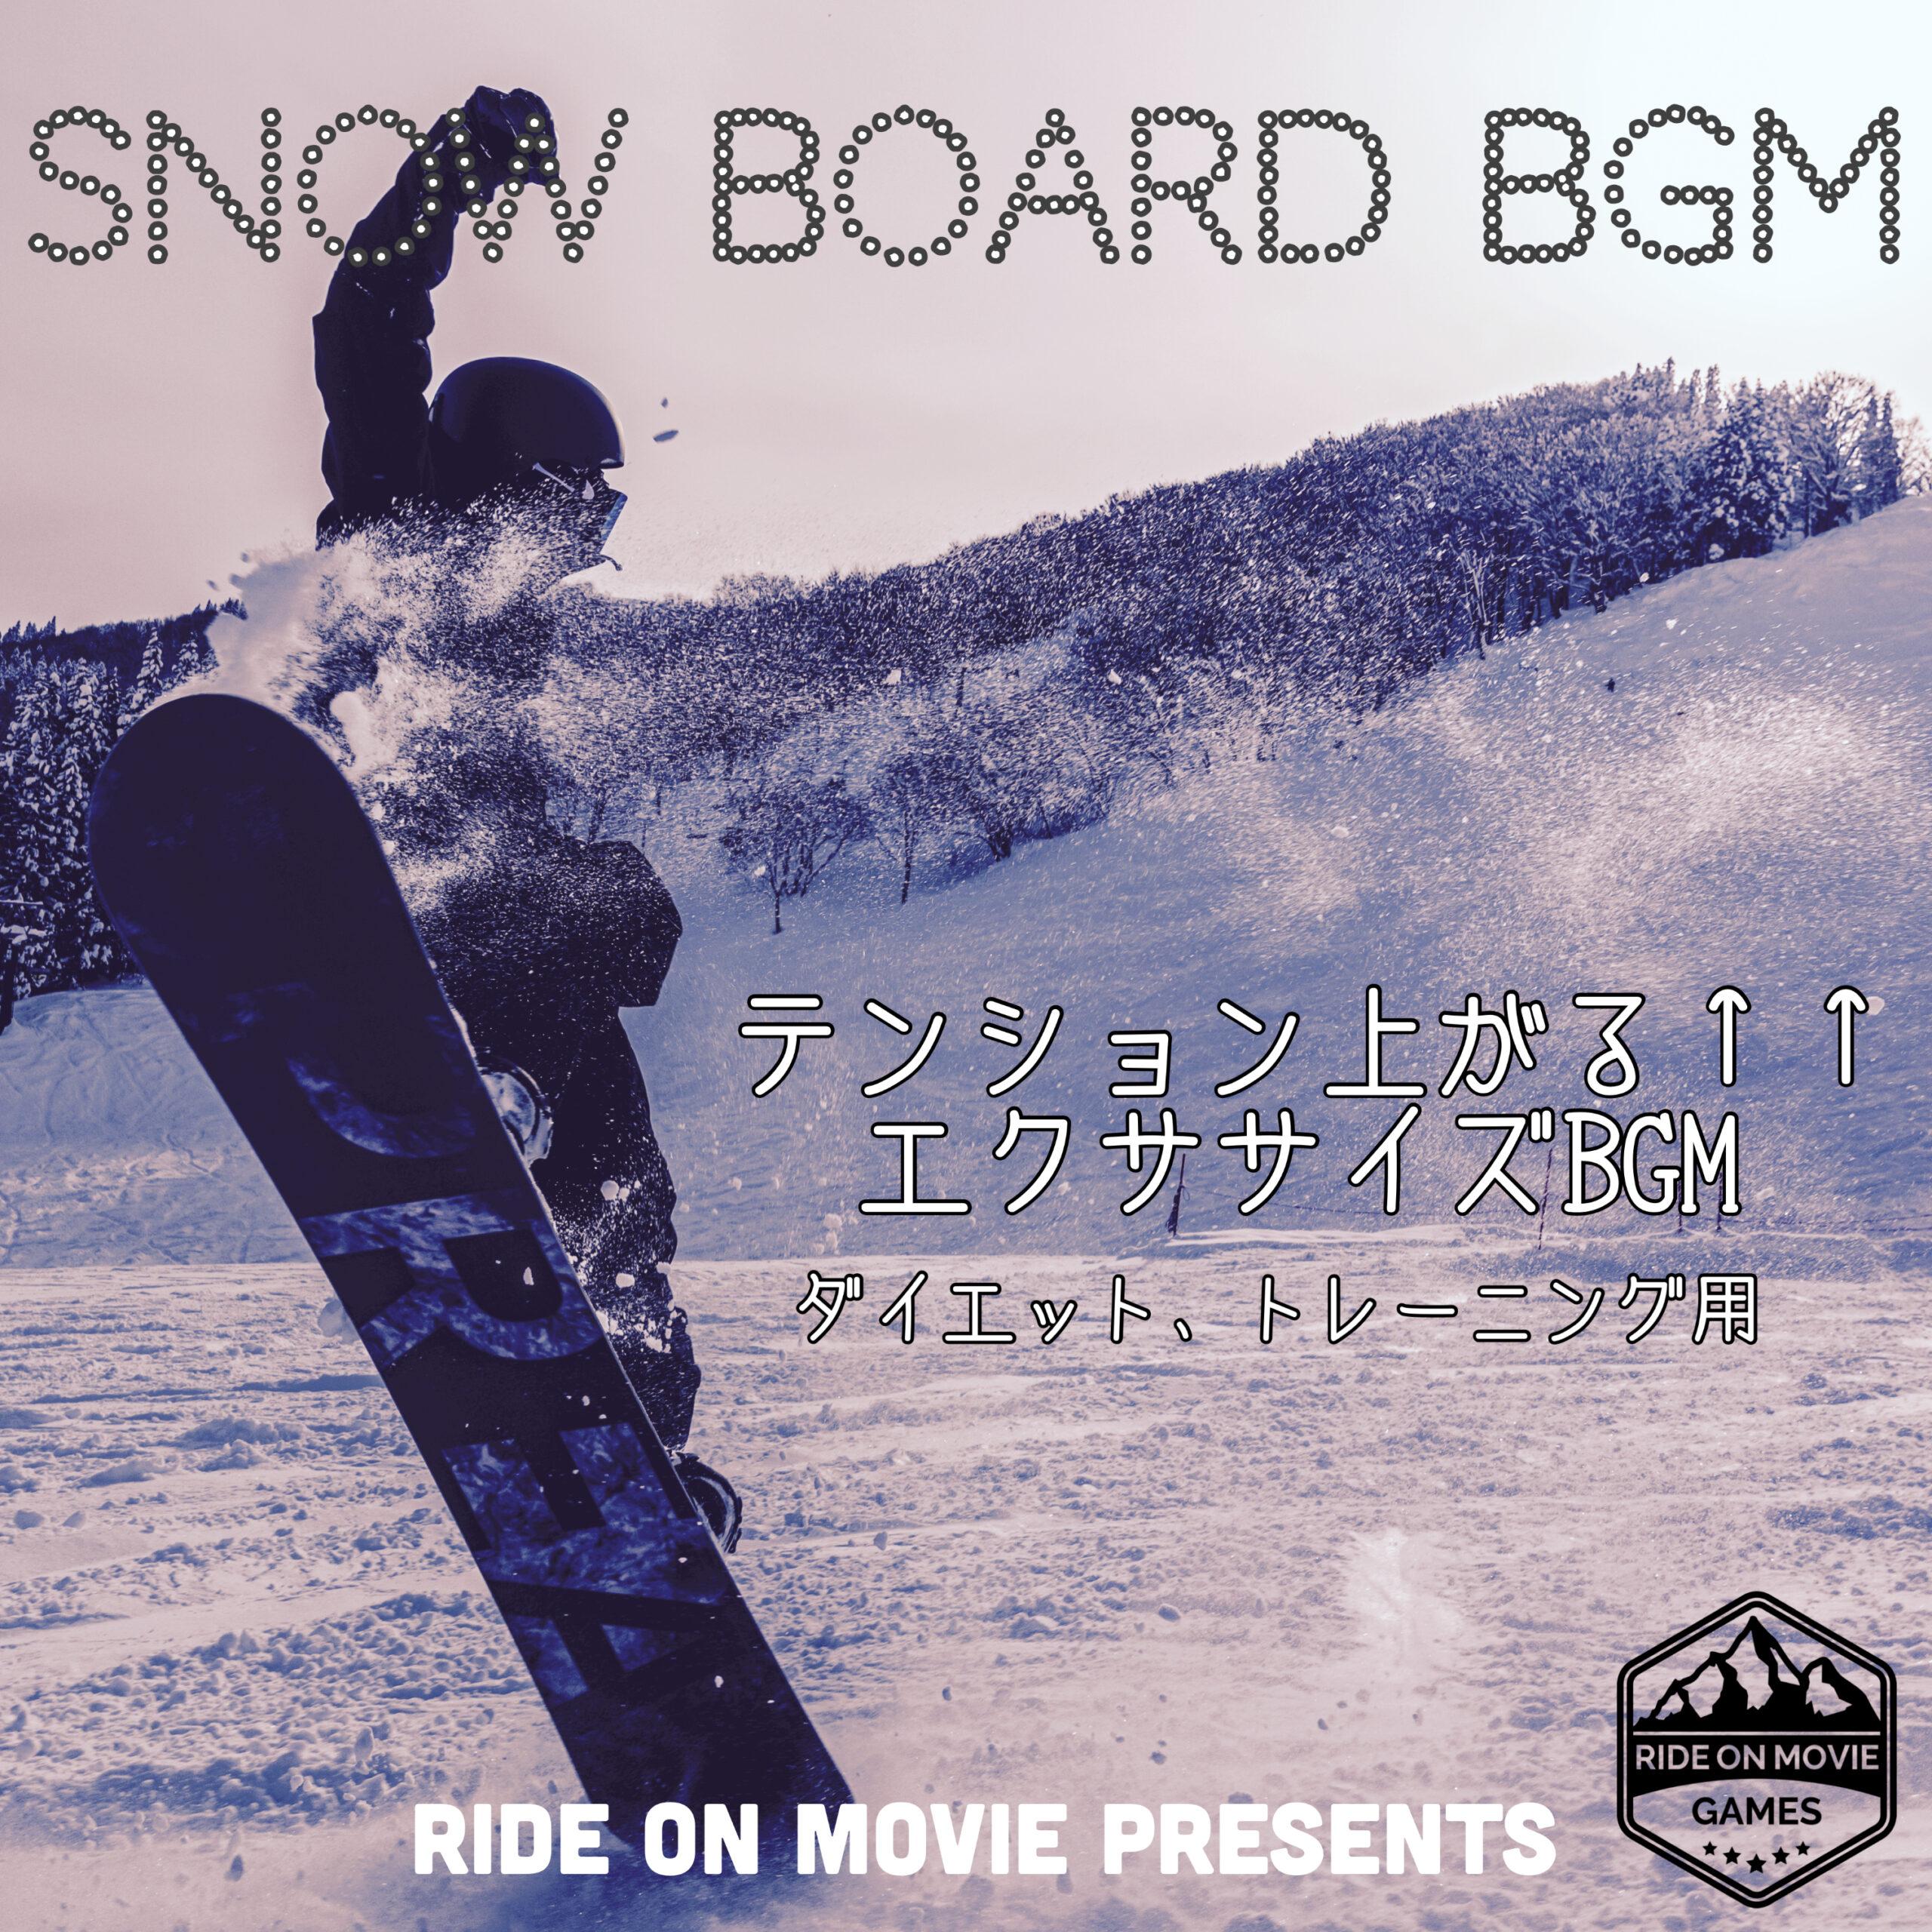 スノーボードBGM テンション上がる↑↑エクササイズBGM ダイエット、トレーニング用 RIDE ON MOVIE PRESENTS